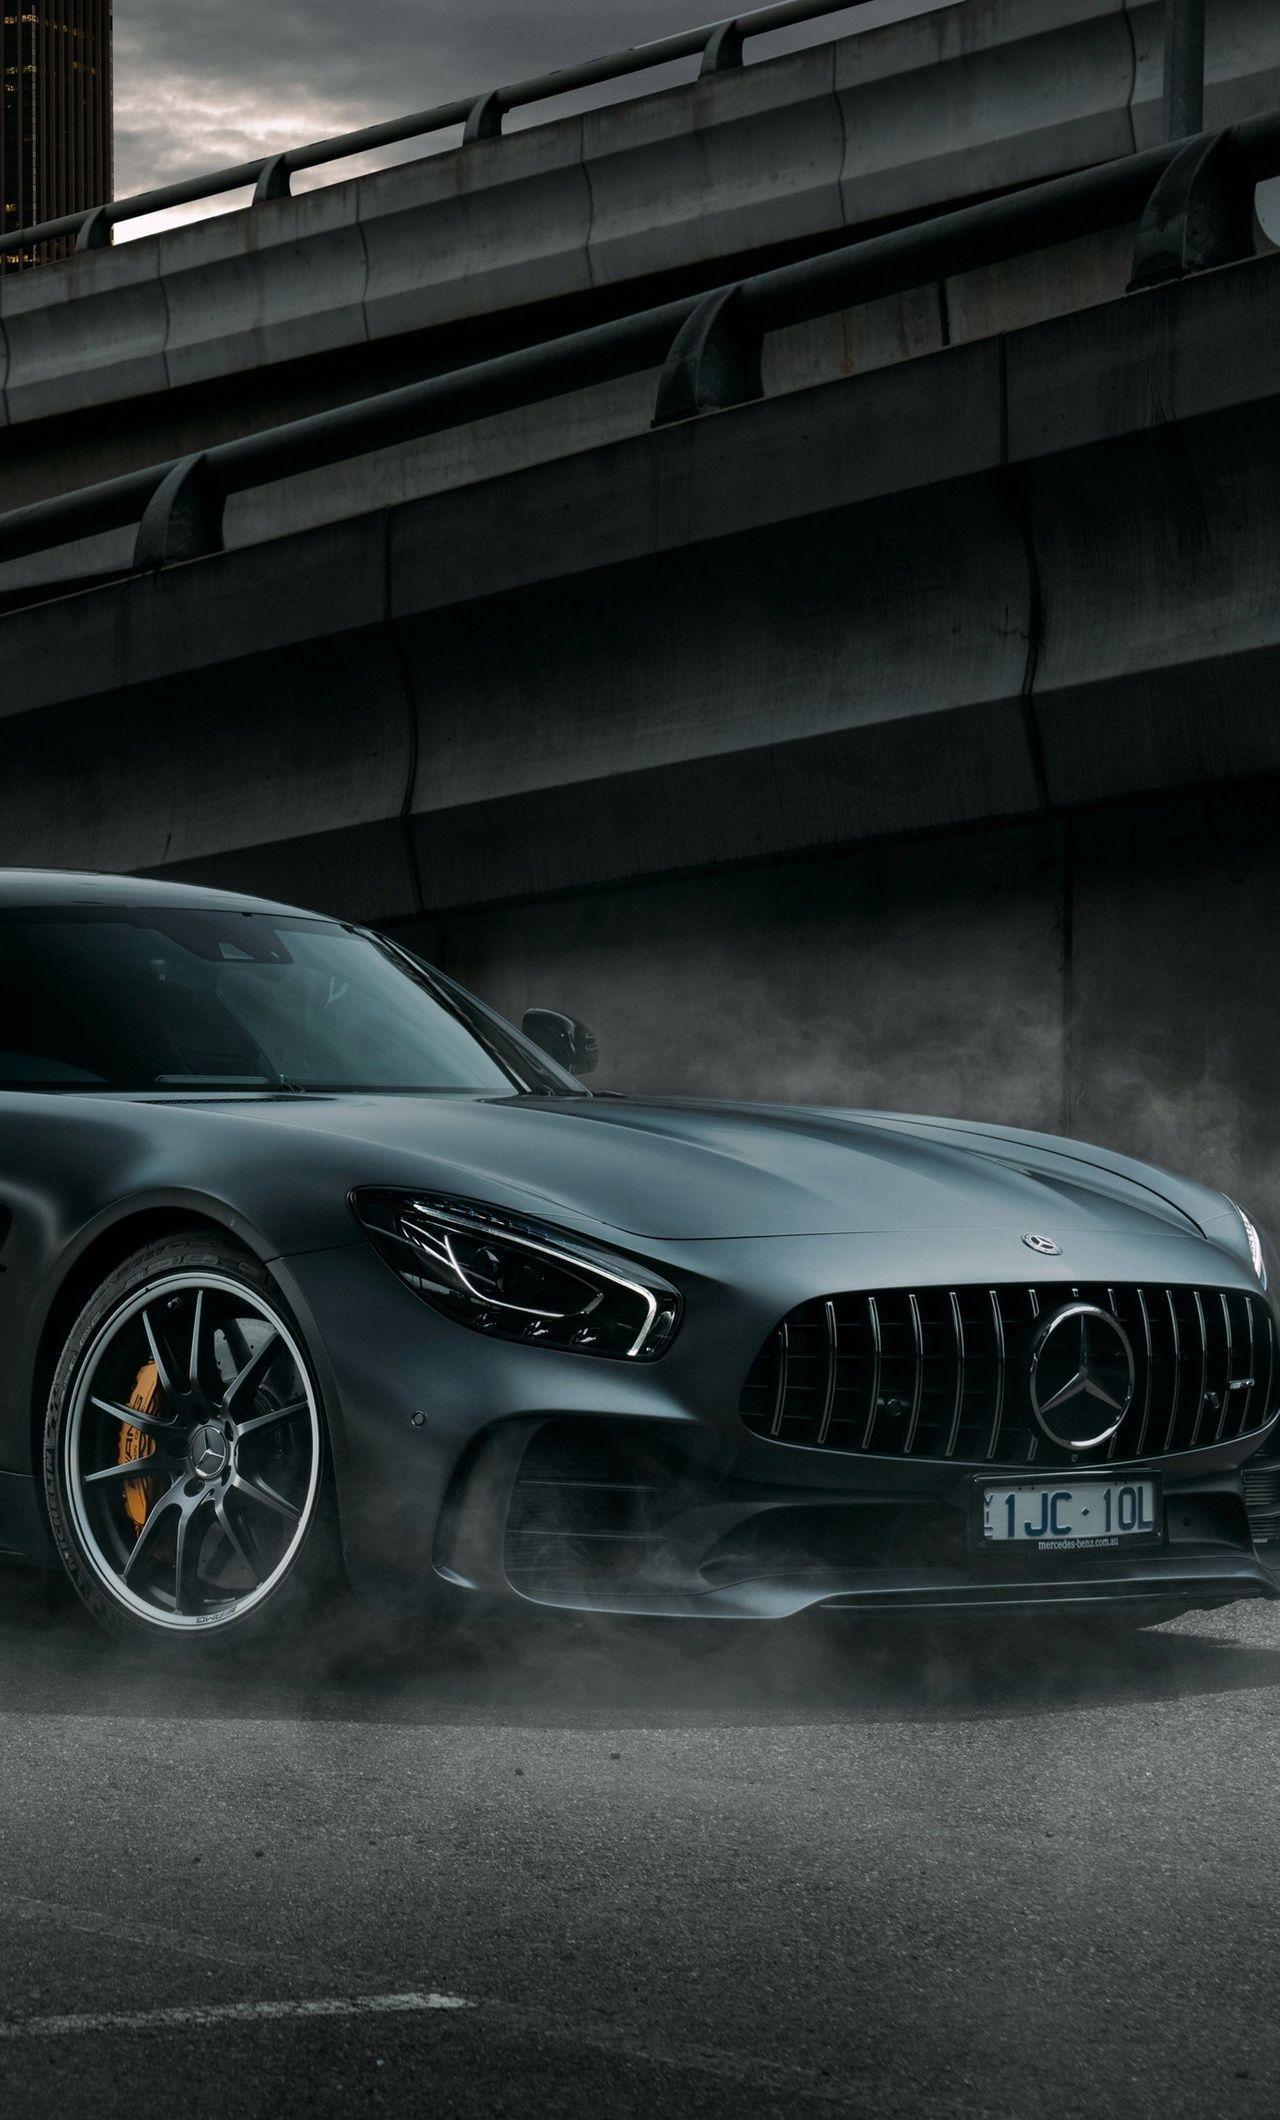 Iphone Xr Wallpaper 4k Car In 2020 Mustang Iphone Wallpaper